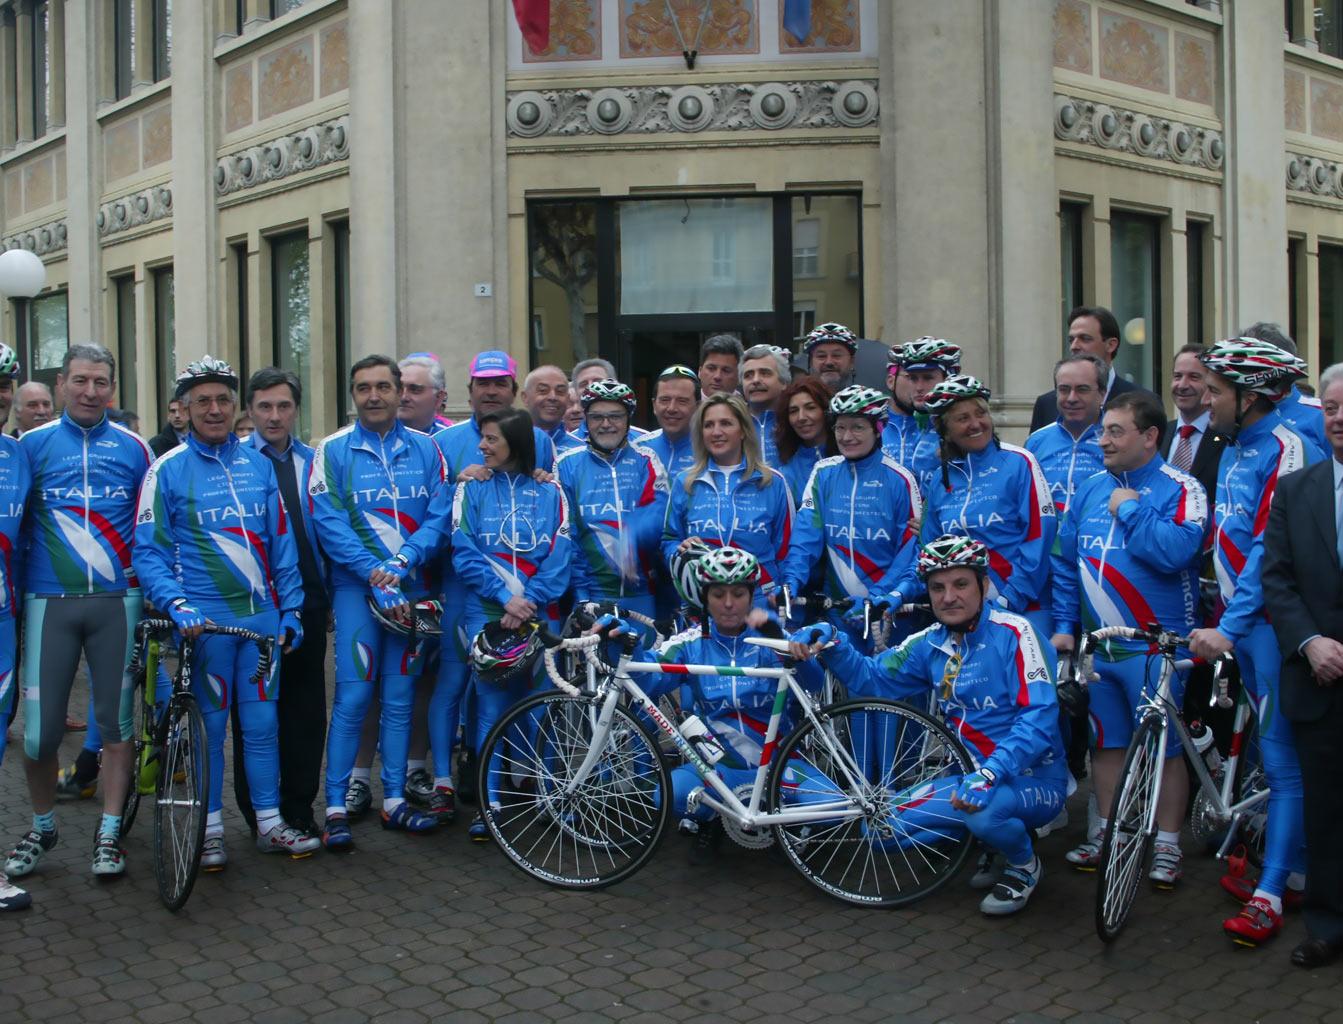 – Salice Terme (PV), 16 aprile 2004 – la squadra parlamentare di ciclismo con Claudio Corti, Felice Gimondi, Giuseppe Saronni